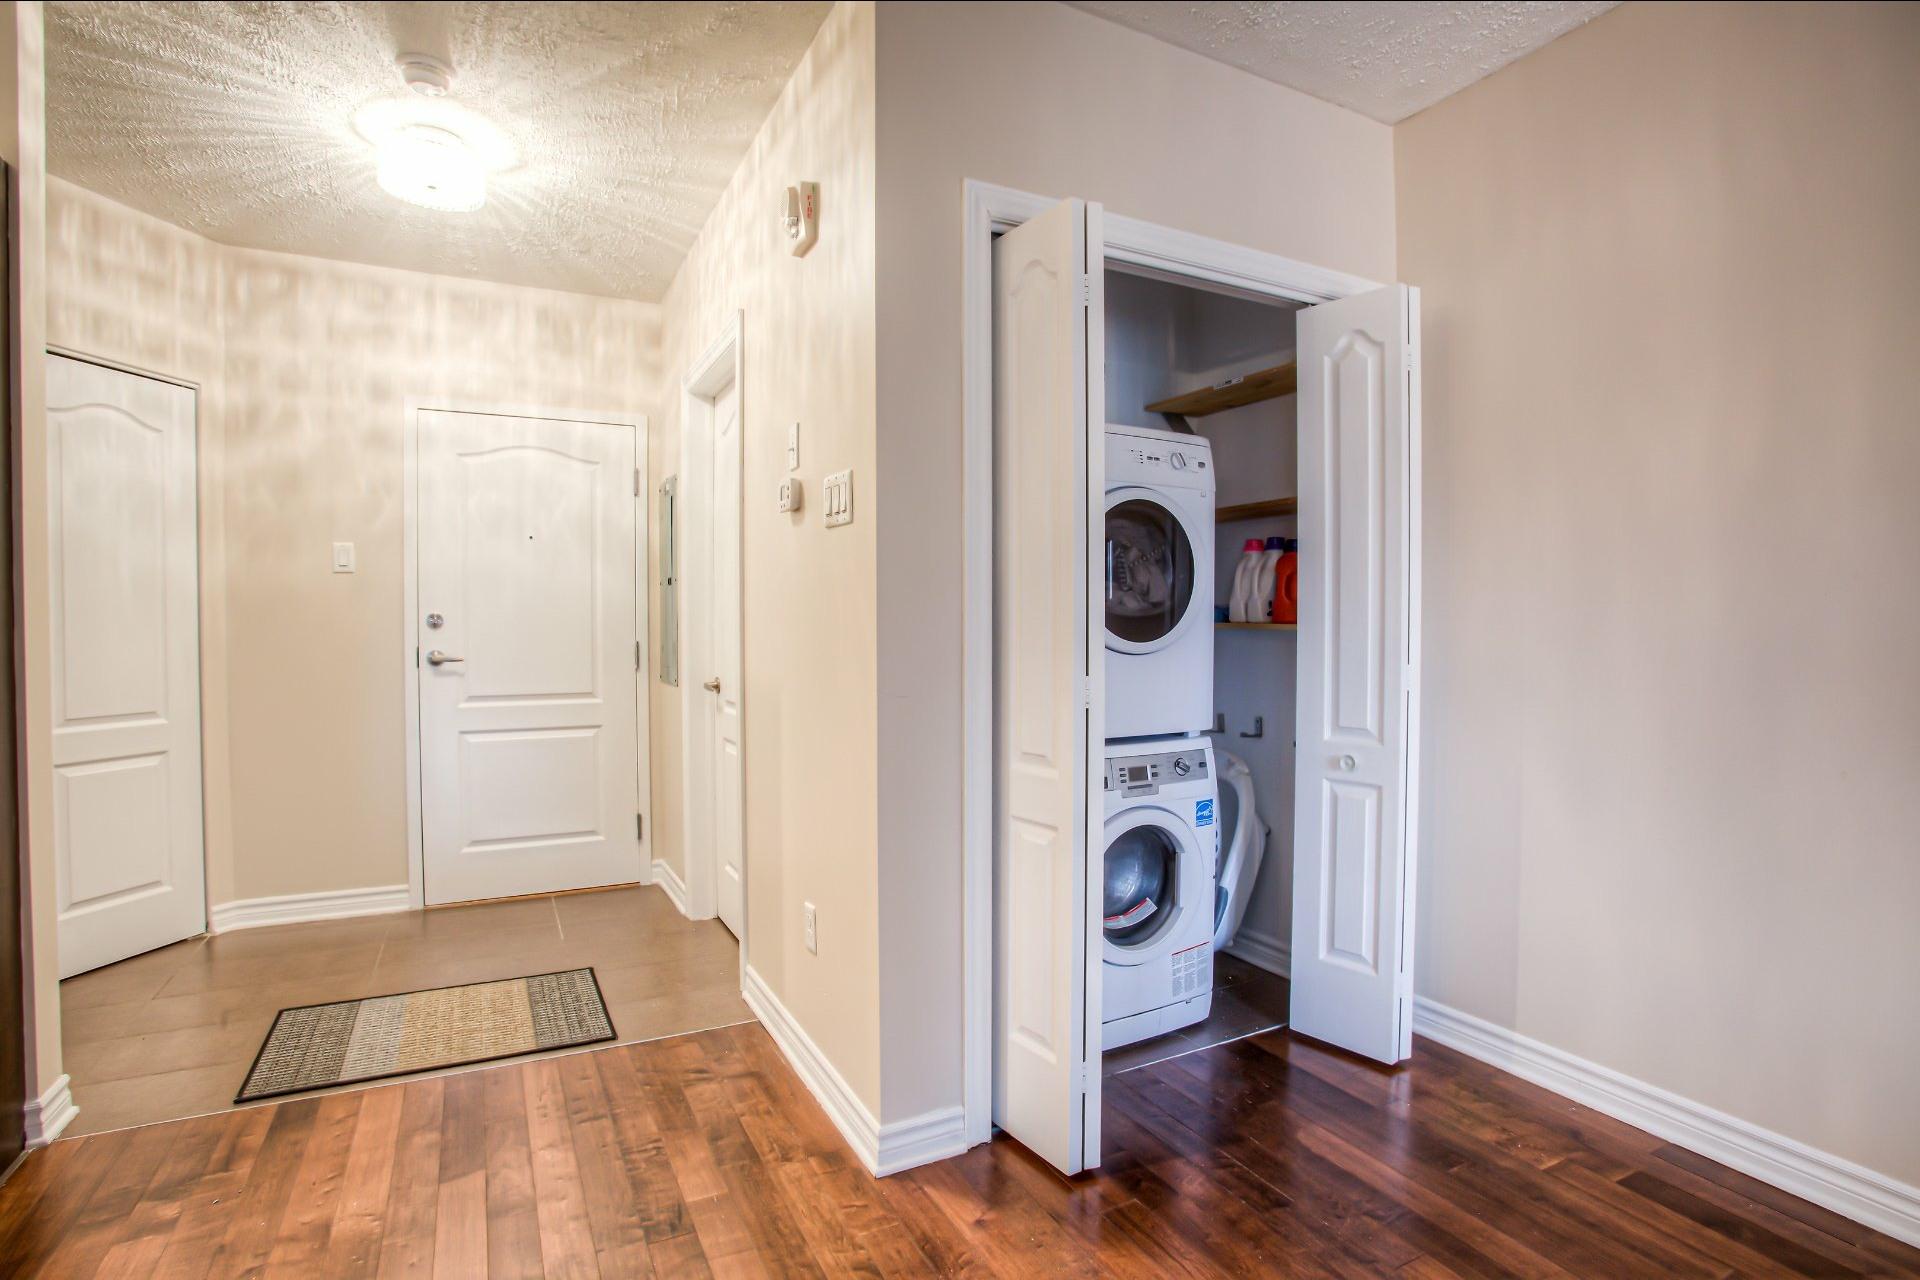 image 2 - Apartment For sale Saint-Laurent Montréal  - 9 rooms